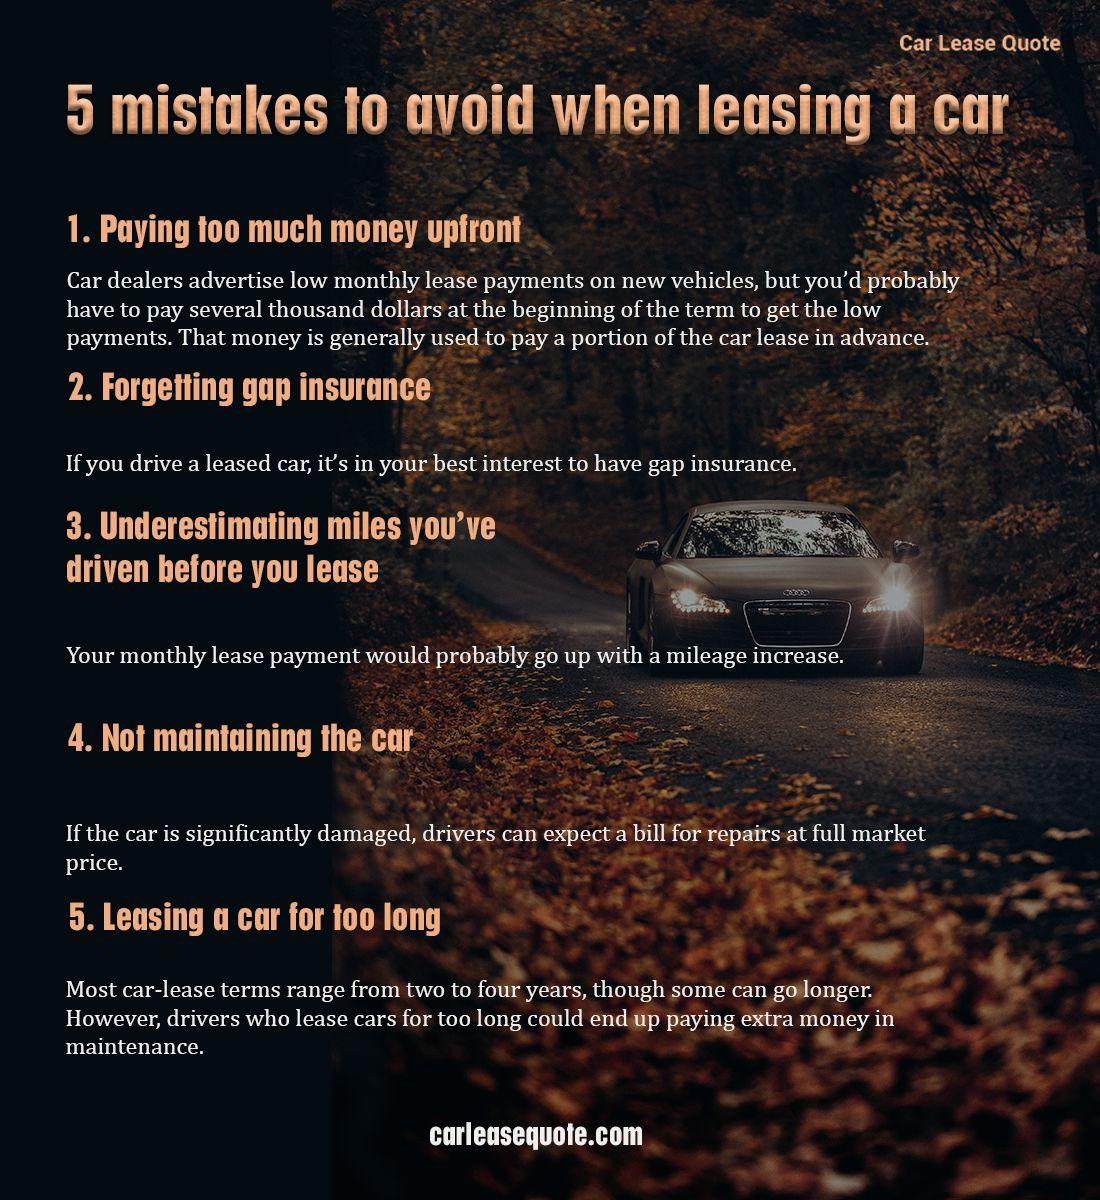 Car Lease Quote Tel 1 646 351 1150 Car Lease Lease Car